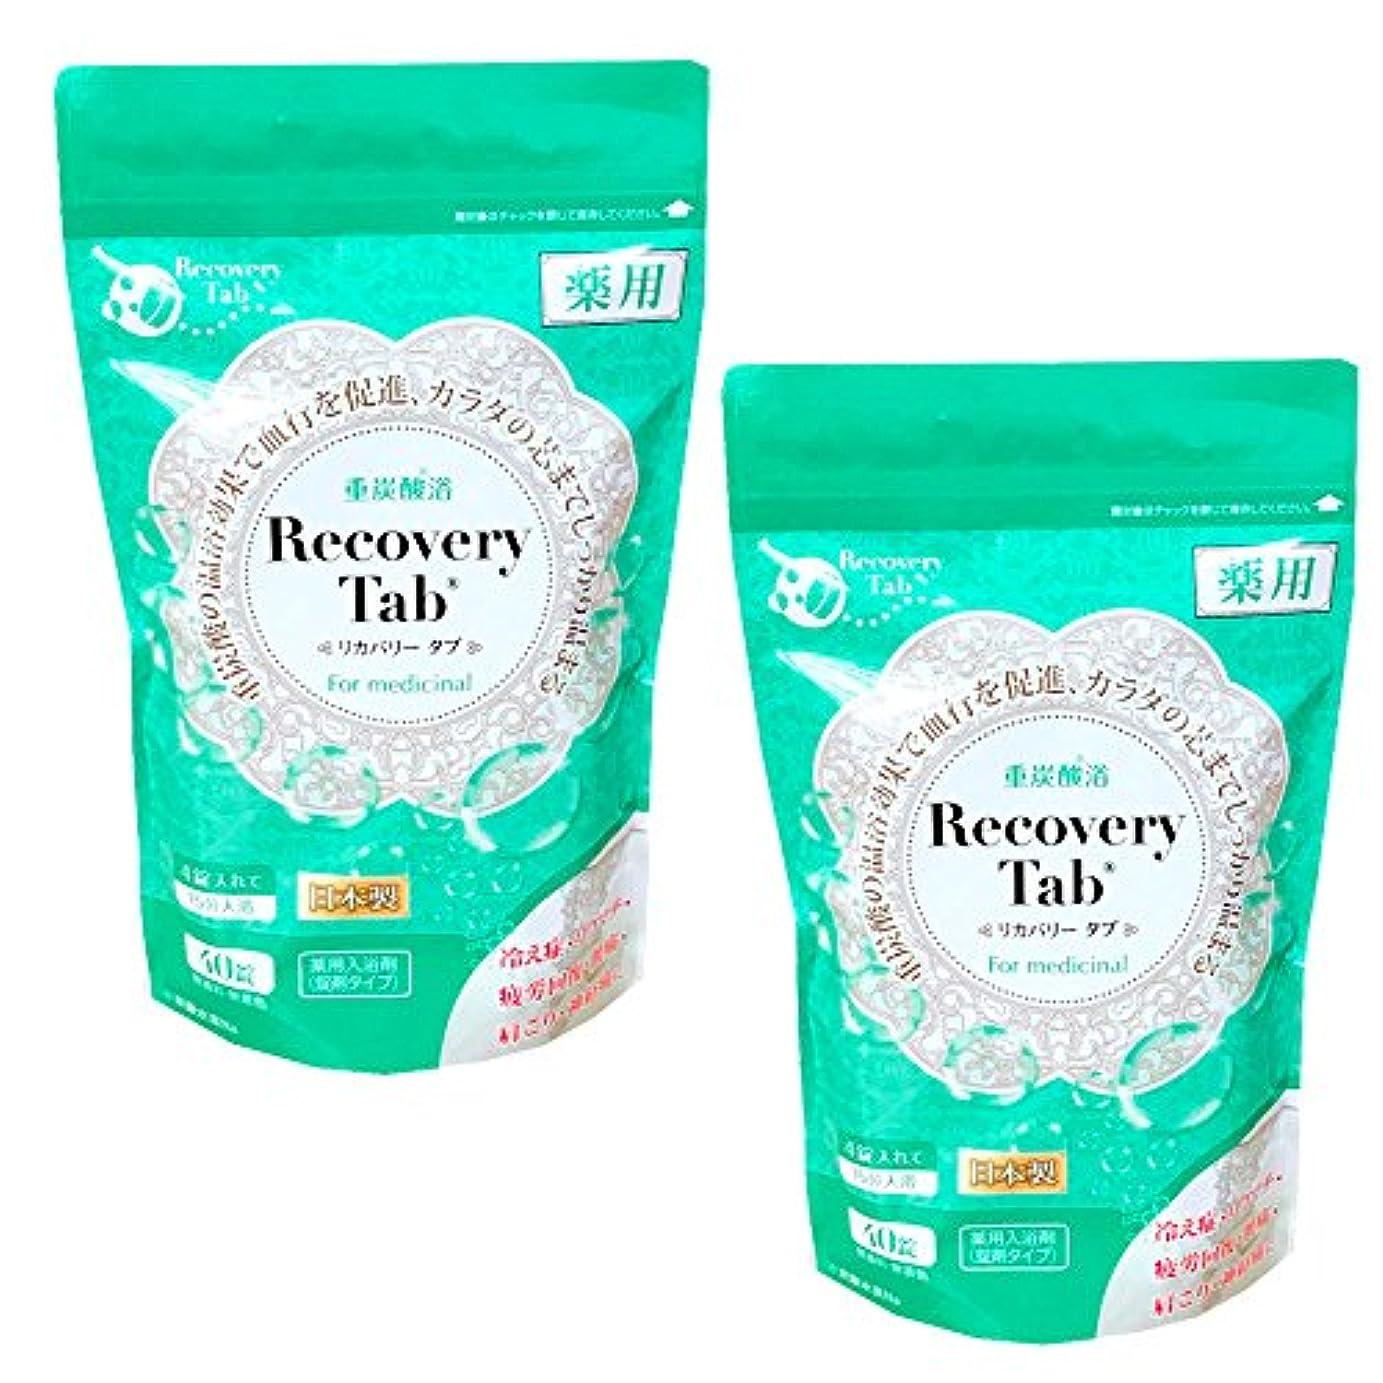 プラスうまれた年次【Recovery Tab 正規販売店】 薬用 Recovery Tab リカバリータブ 重炭酸浴 医薬部外品 40錠入 2個セット